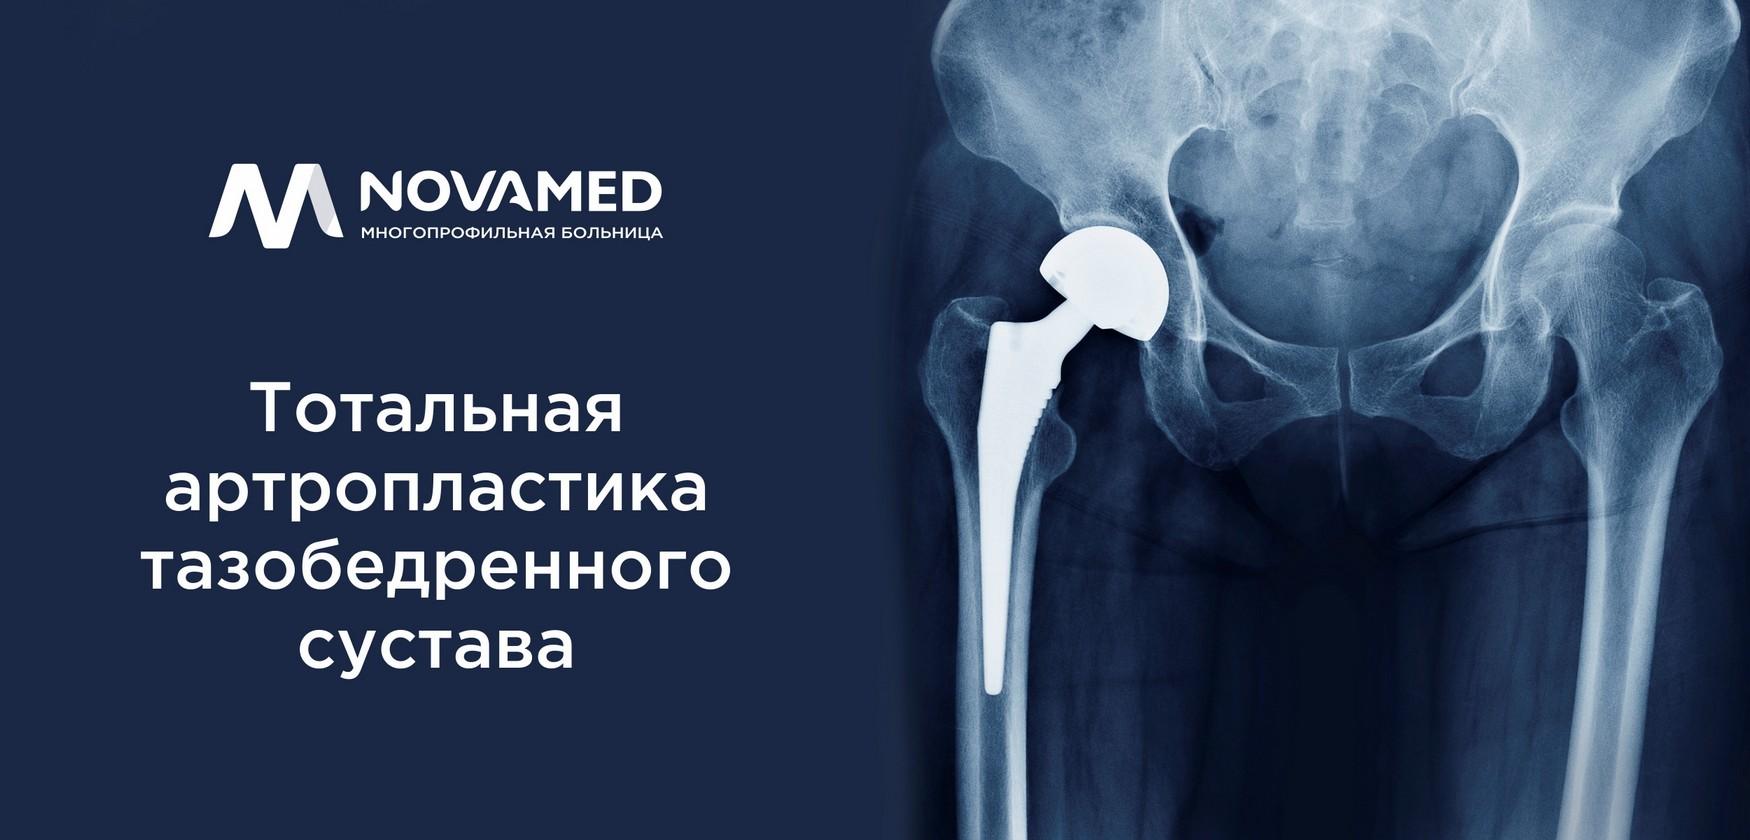 Novamed: о тотальной артропластике тазобедренного сустава